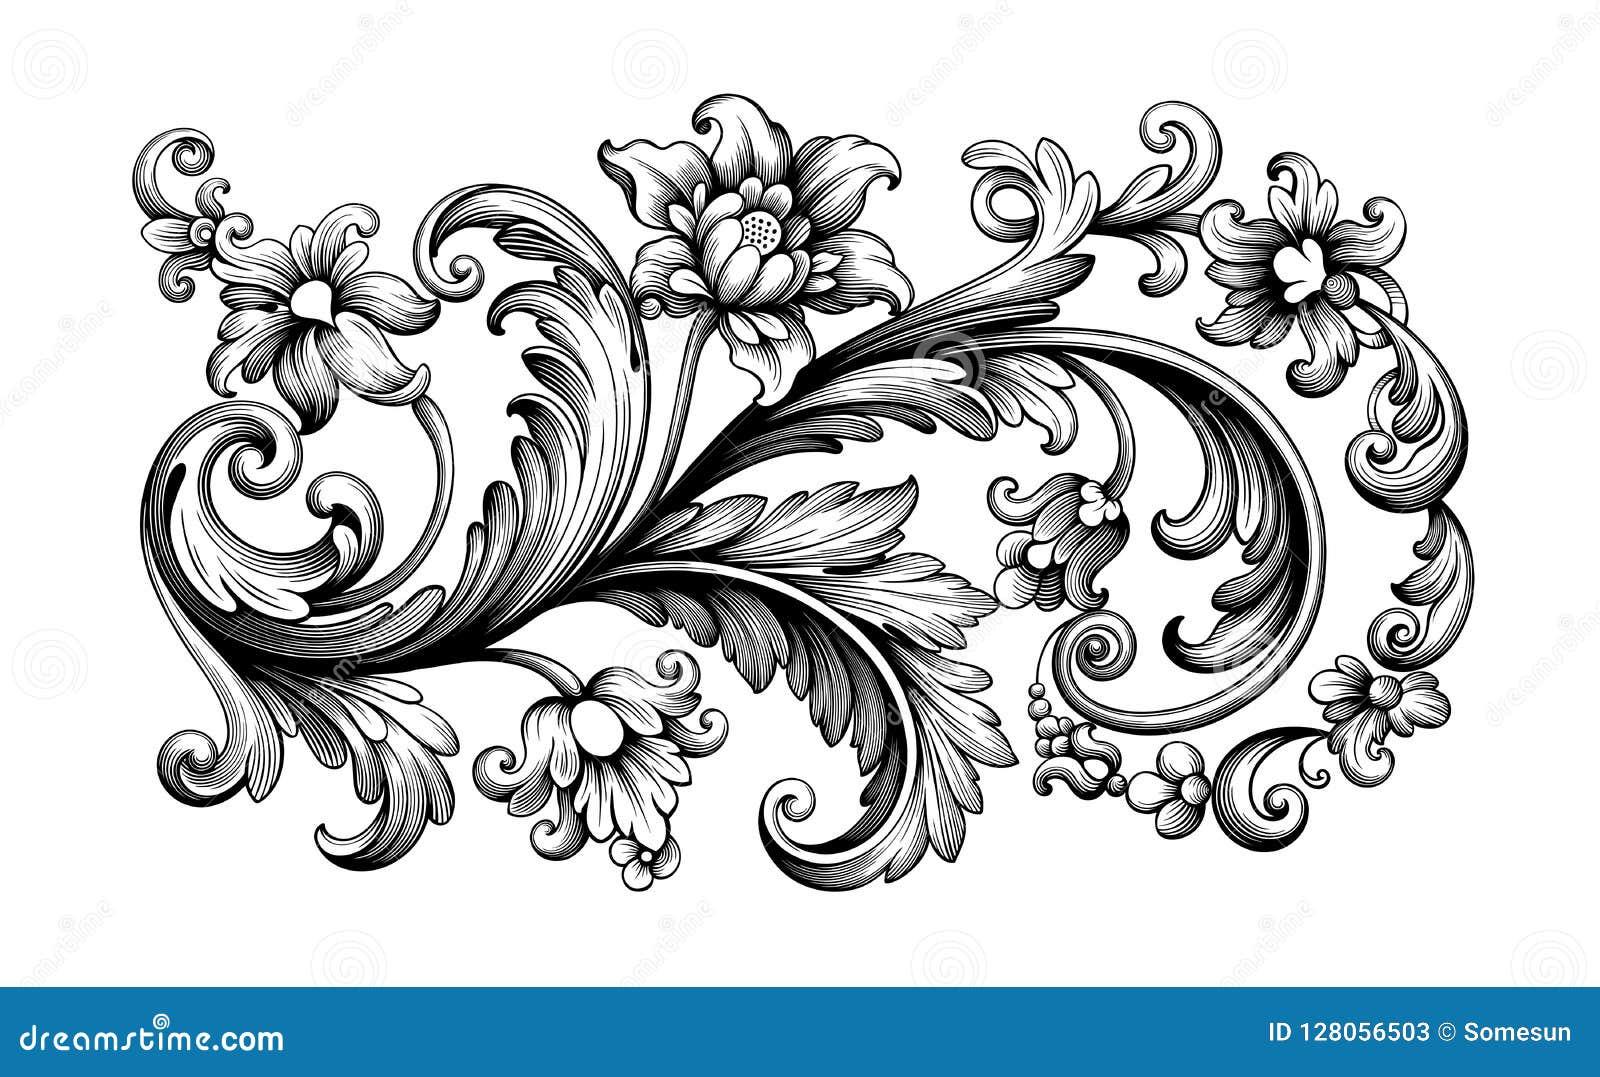 Vektor för filigran för tatuering för pion för retro modell för blom- prydnad för gräns för ram för barock snirkel för blommatapp